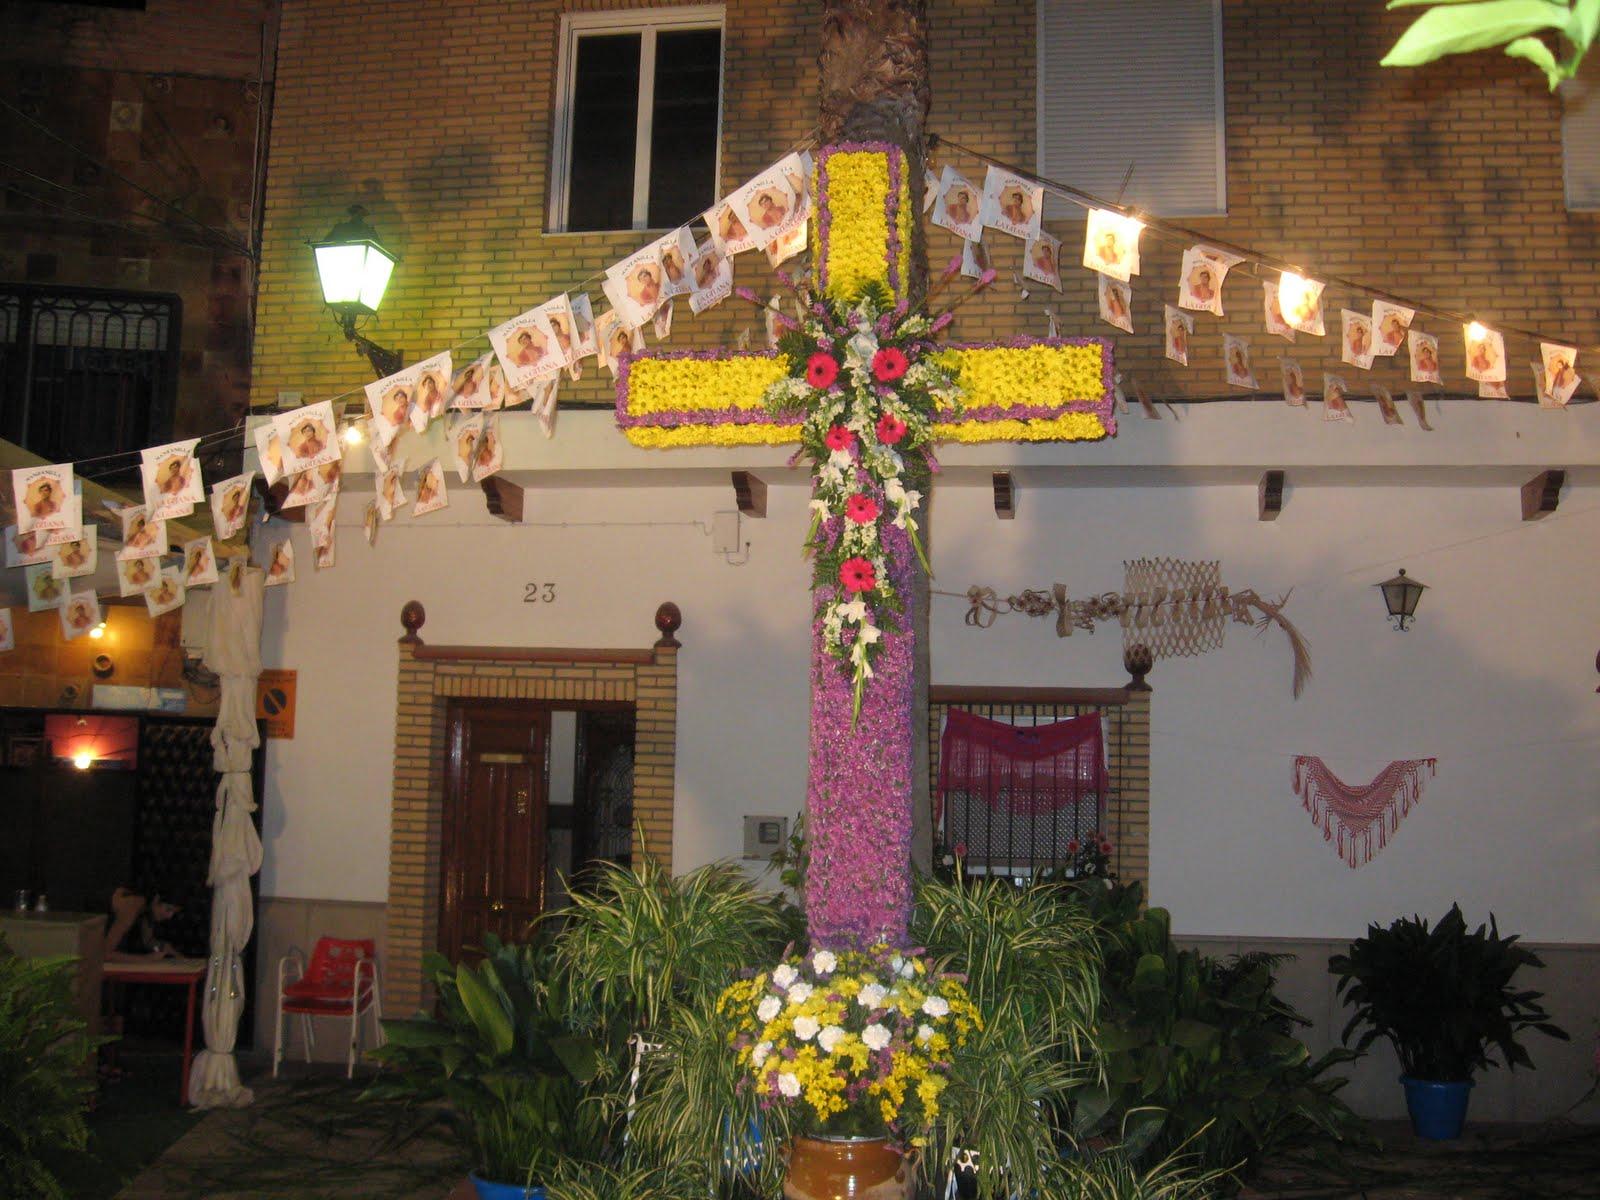 Bienvenidos a ca ete de las torres festividades tradicionales for Canete de las torres